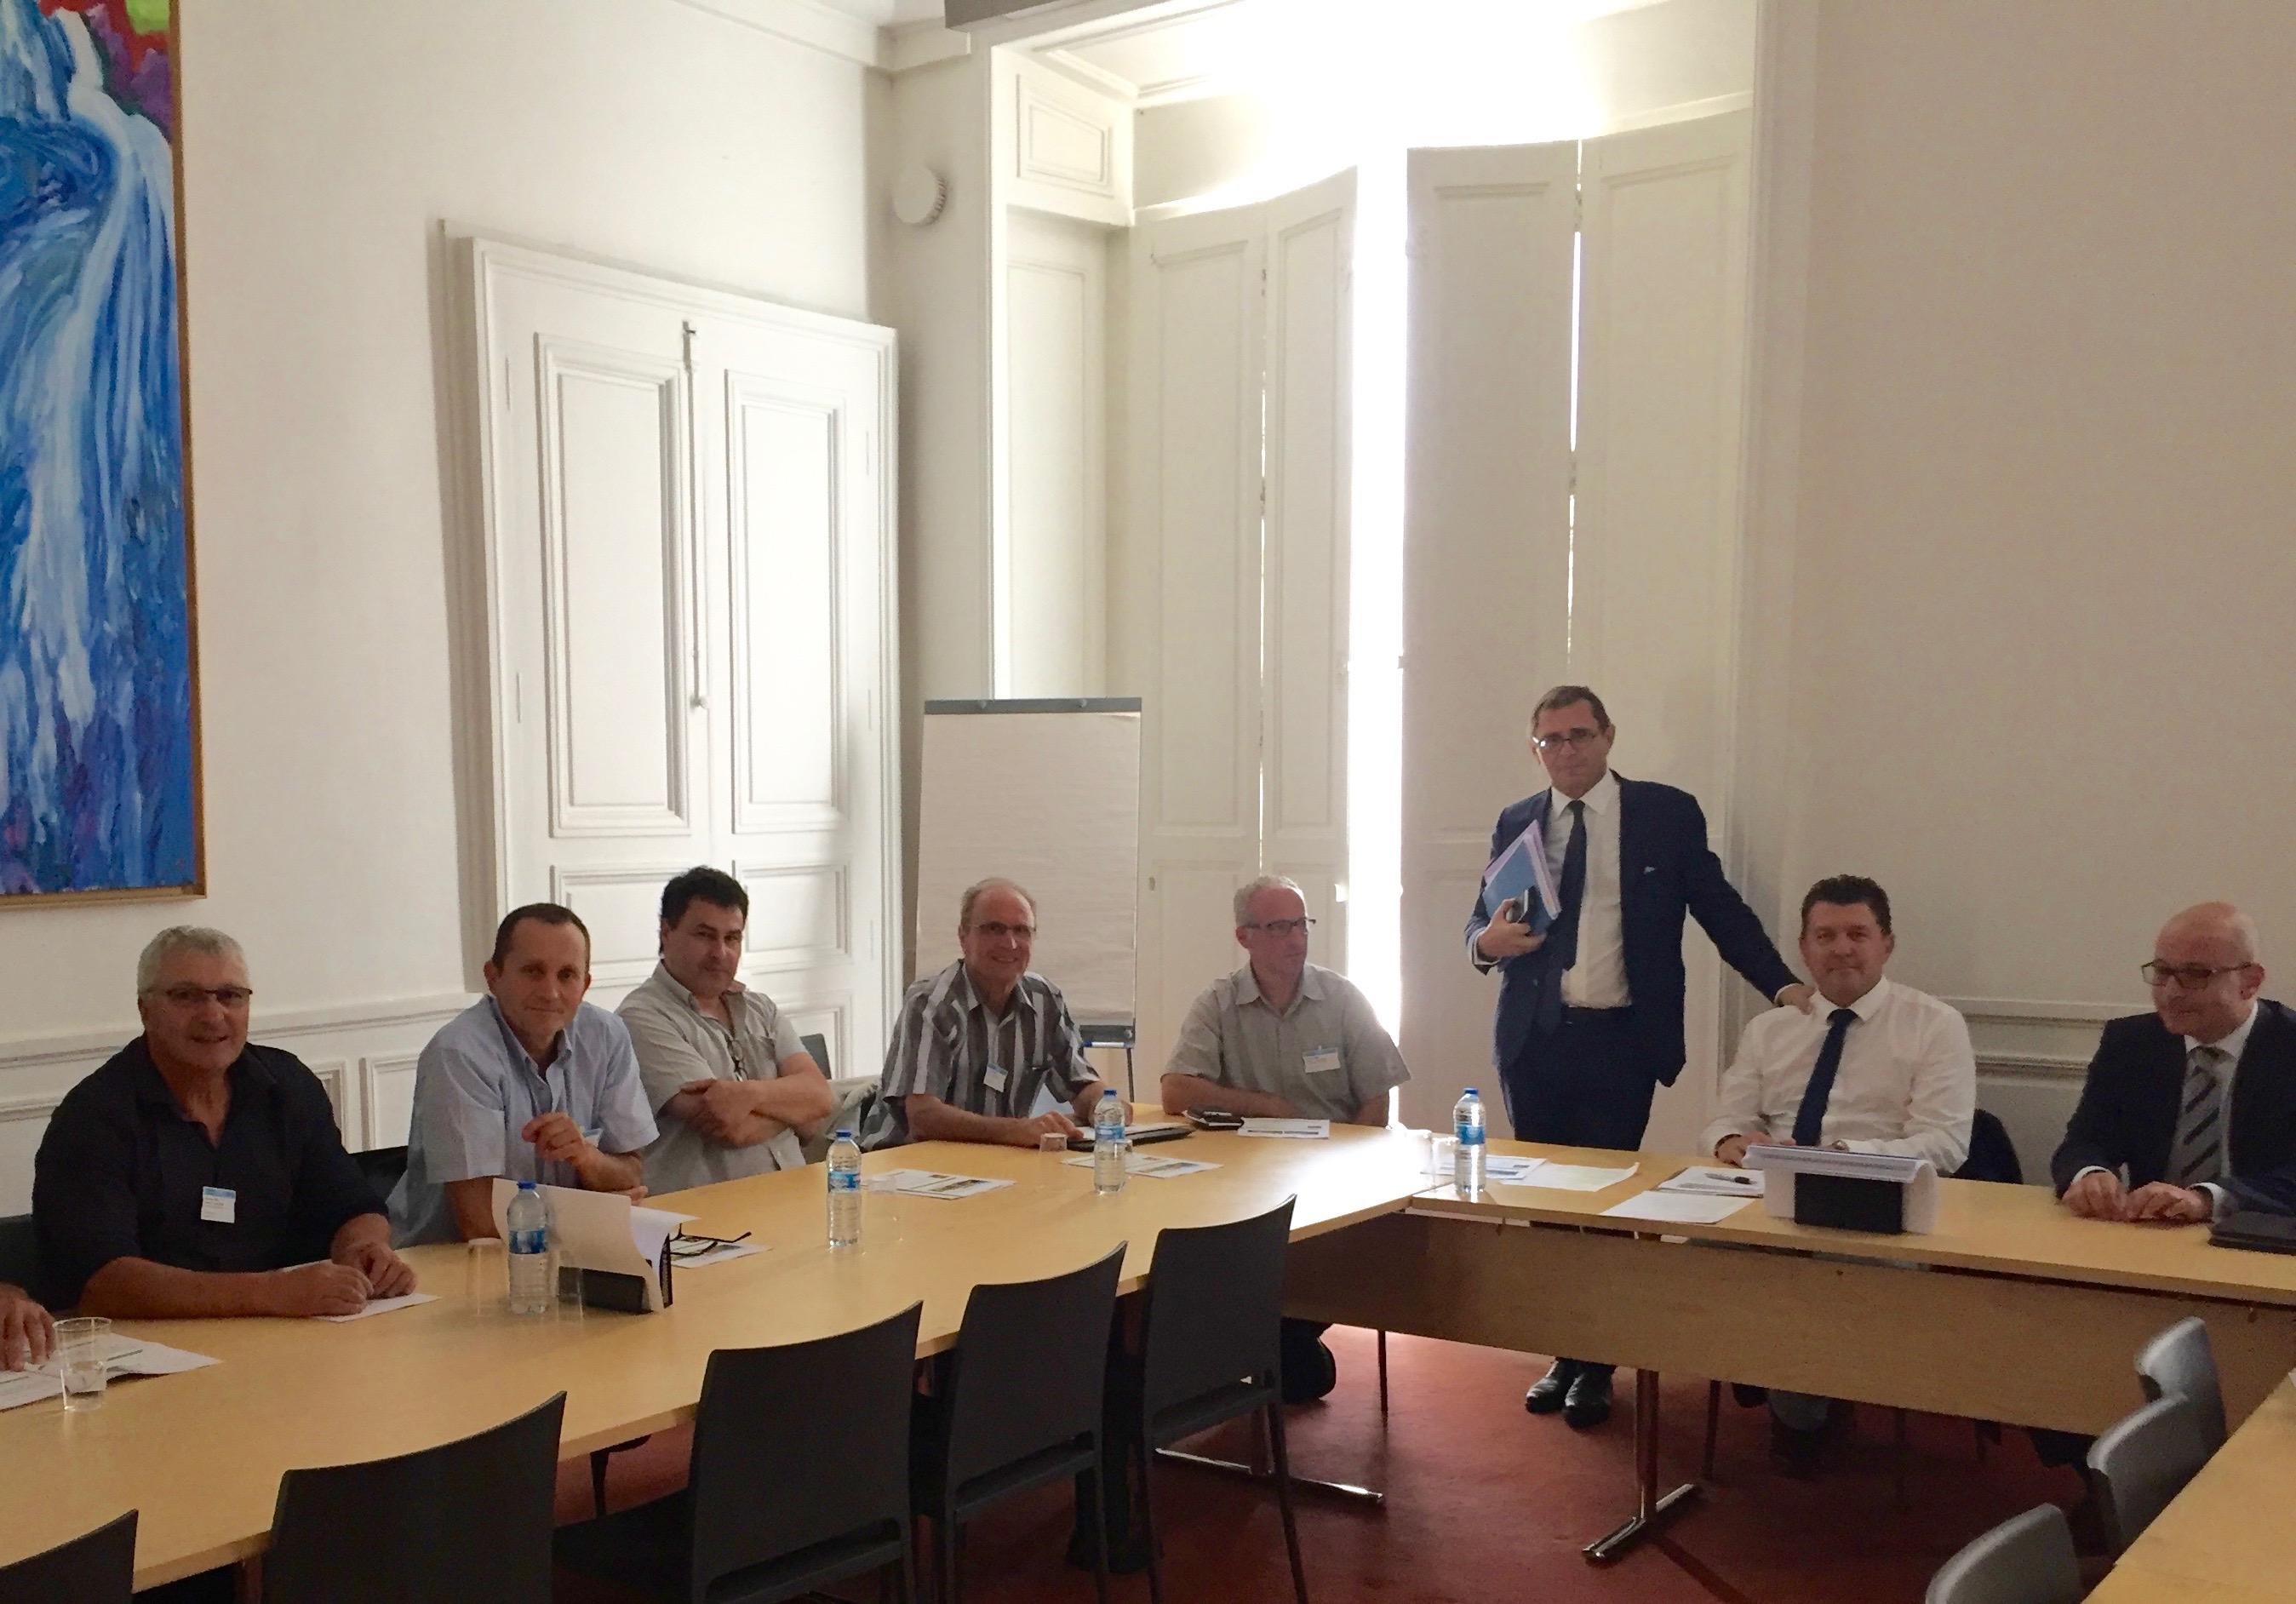 Première réunion de l'Amicale parlementaire de la Châtaigneraie à l'Assemblée Nationale.